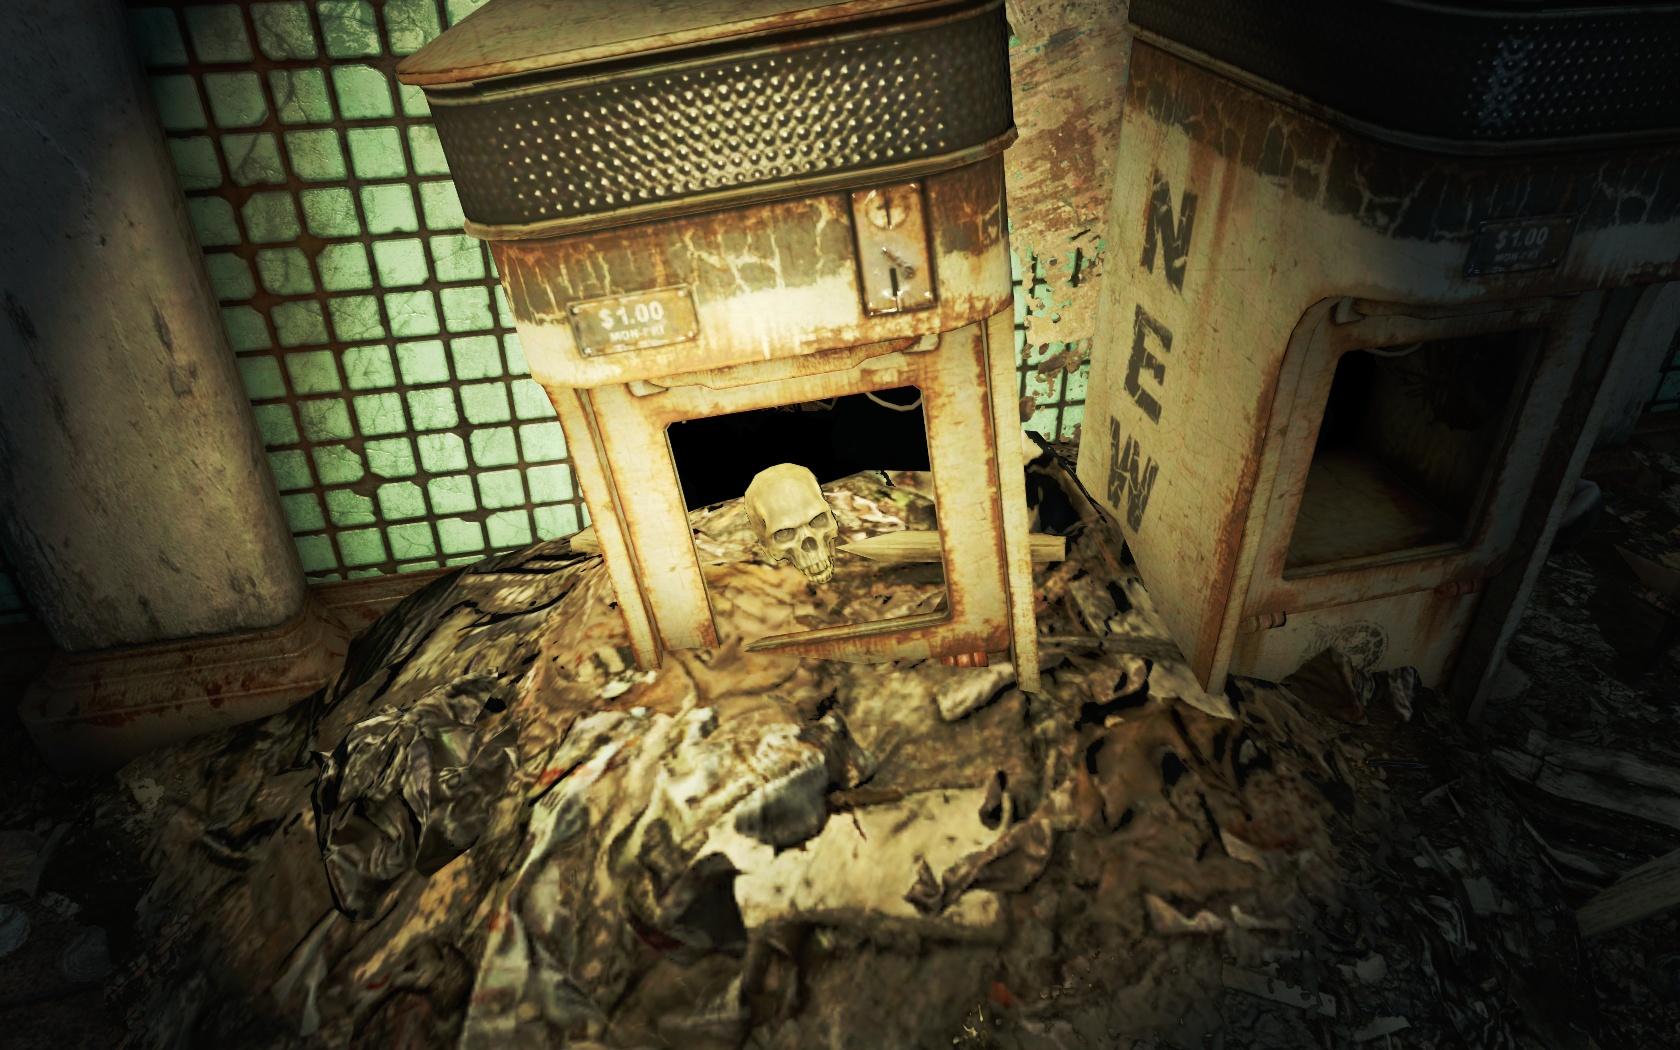 Газетный киоск с сюрпризом (Станция Парк-стрит) - Fallout 4 Газетный киоск, Парк-стрит, Станция, Станция Парк-стрит